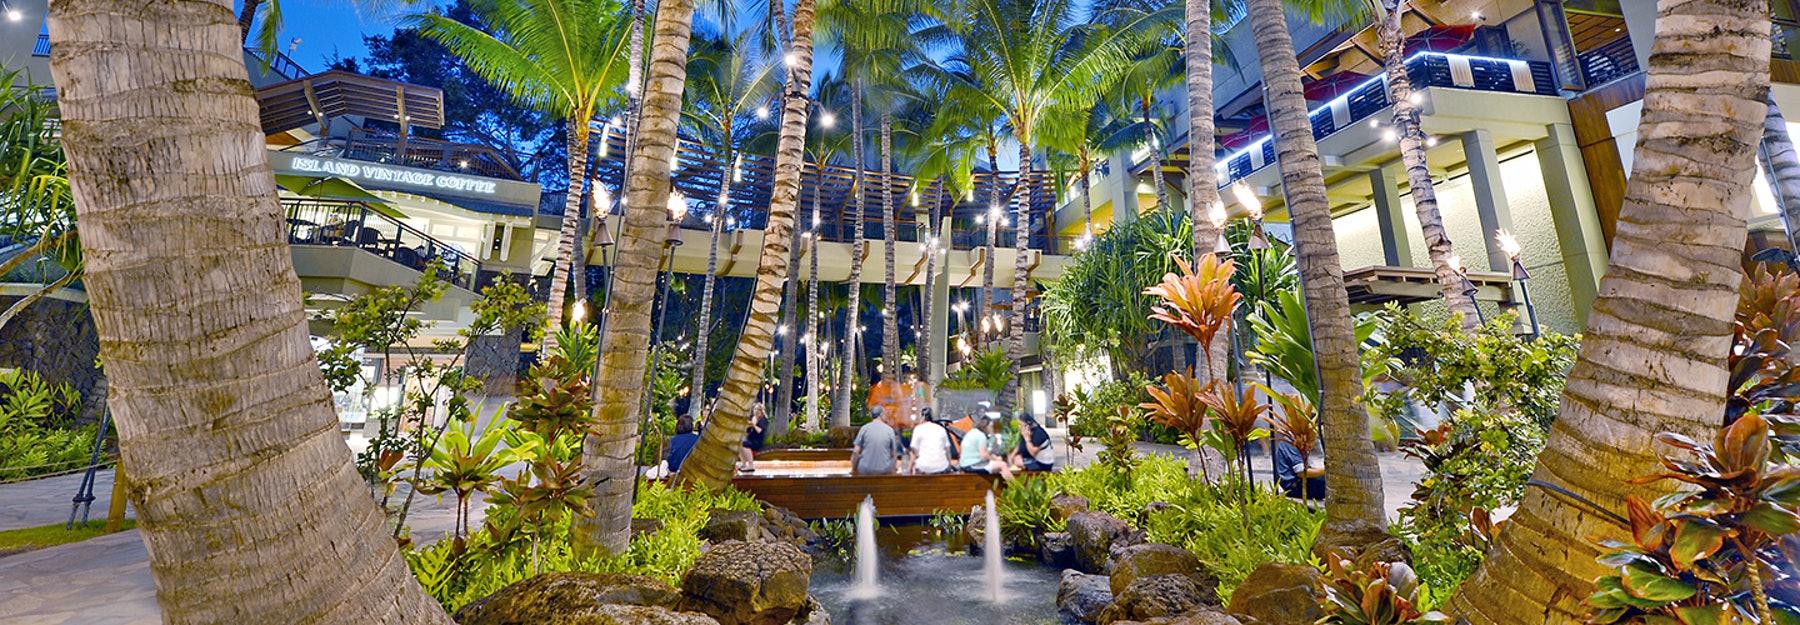 ef3880aaa5d20 Royal Hawaiian Center     Honolulu     HI